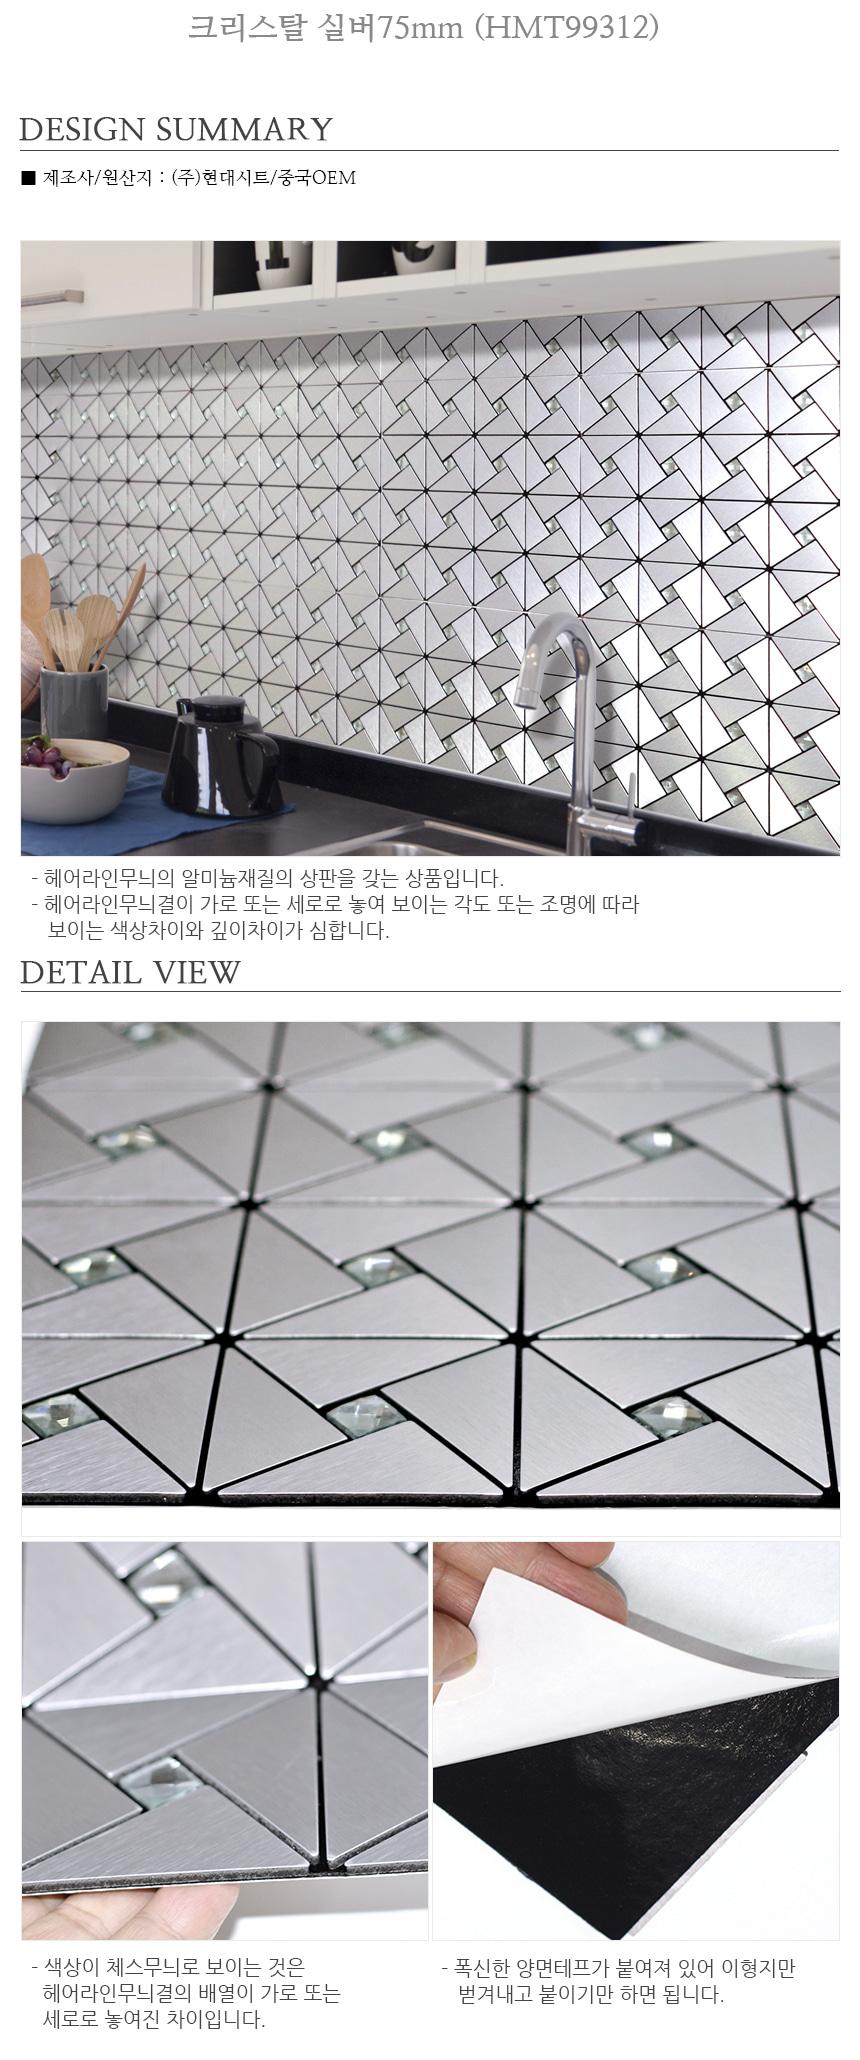 점착식 알미늄 메탈타일 크리스탈 실버75mm (HMT99312) - 데코사랑, 6,270원, 장식/부자재, 벽장식